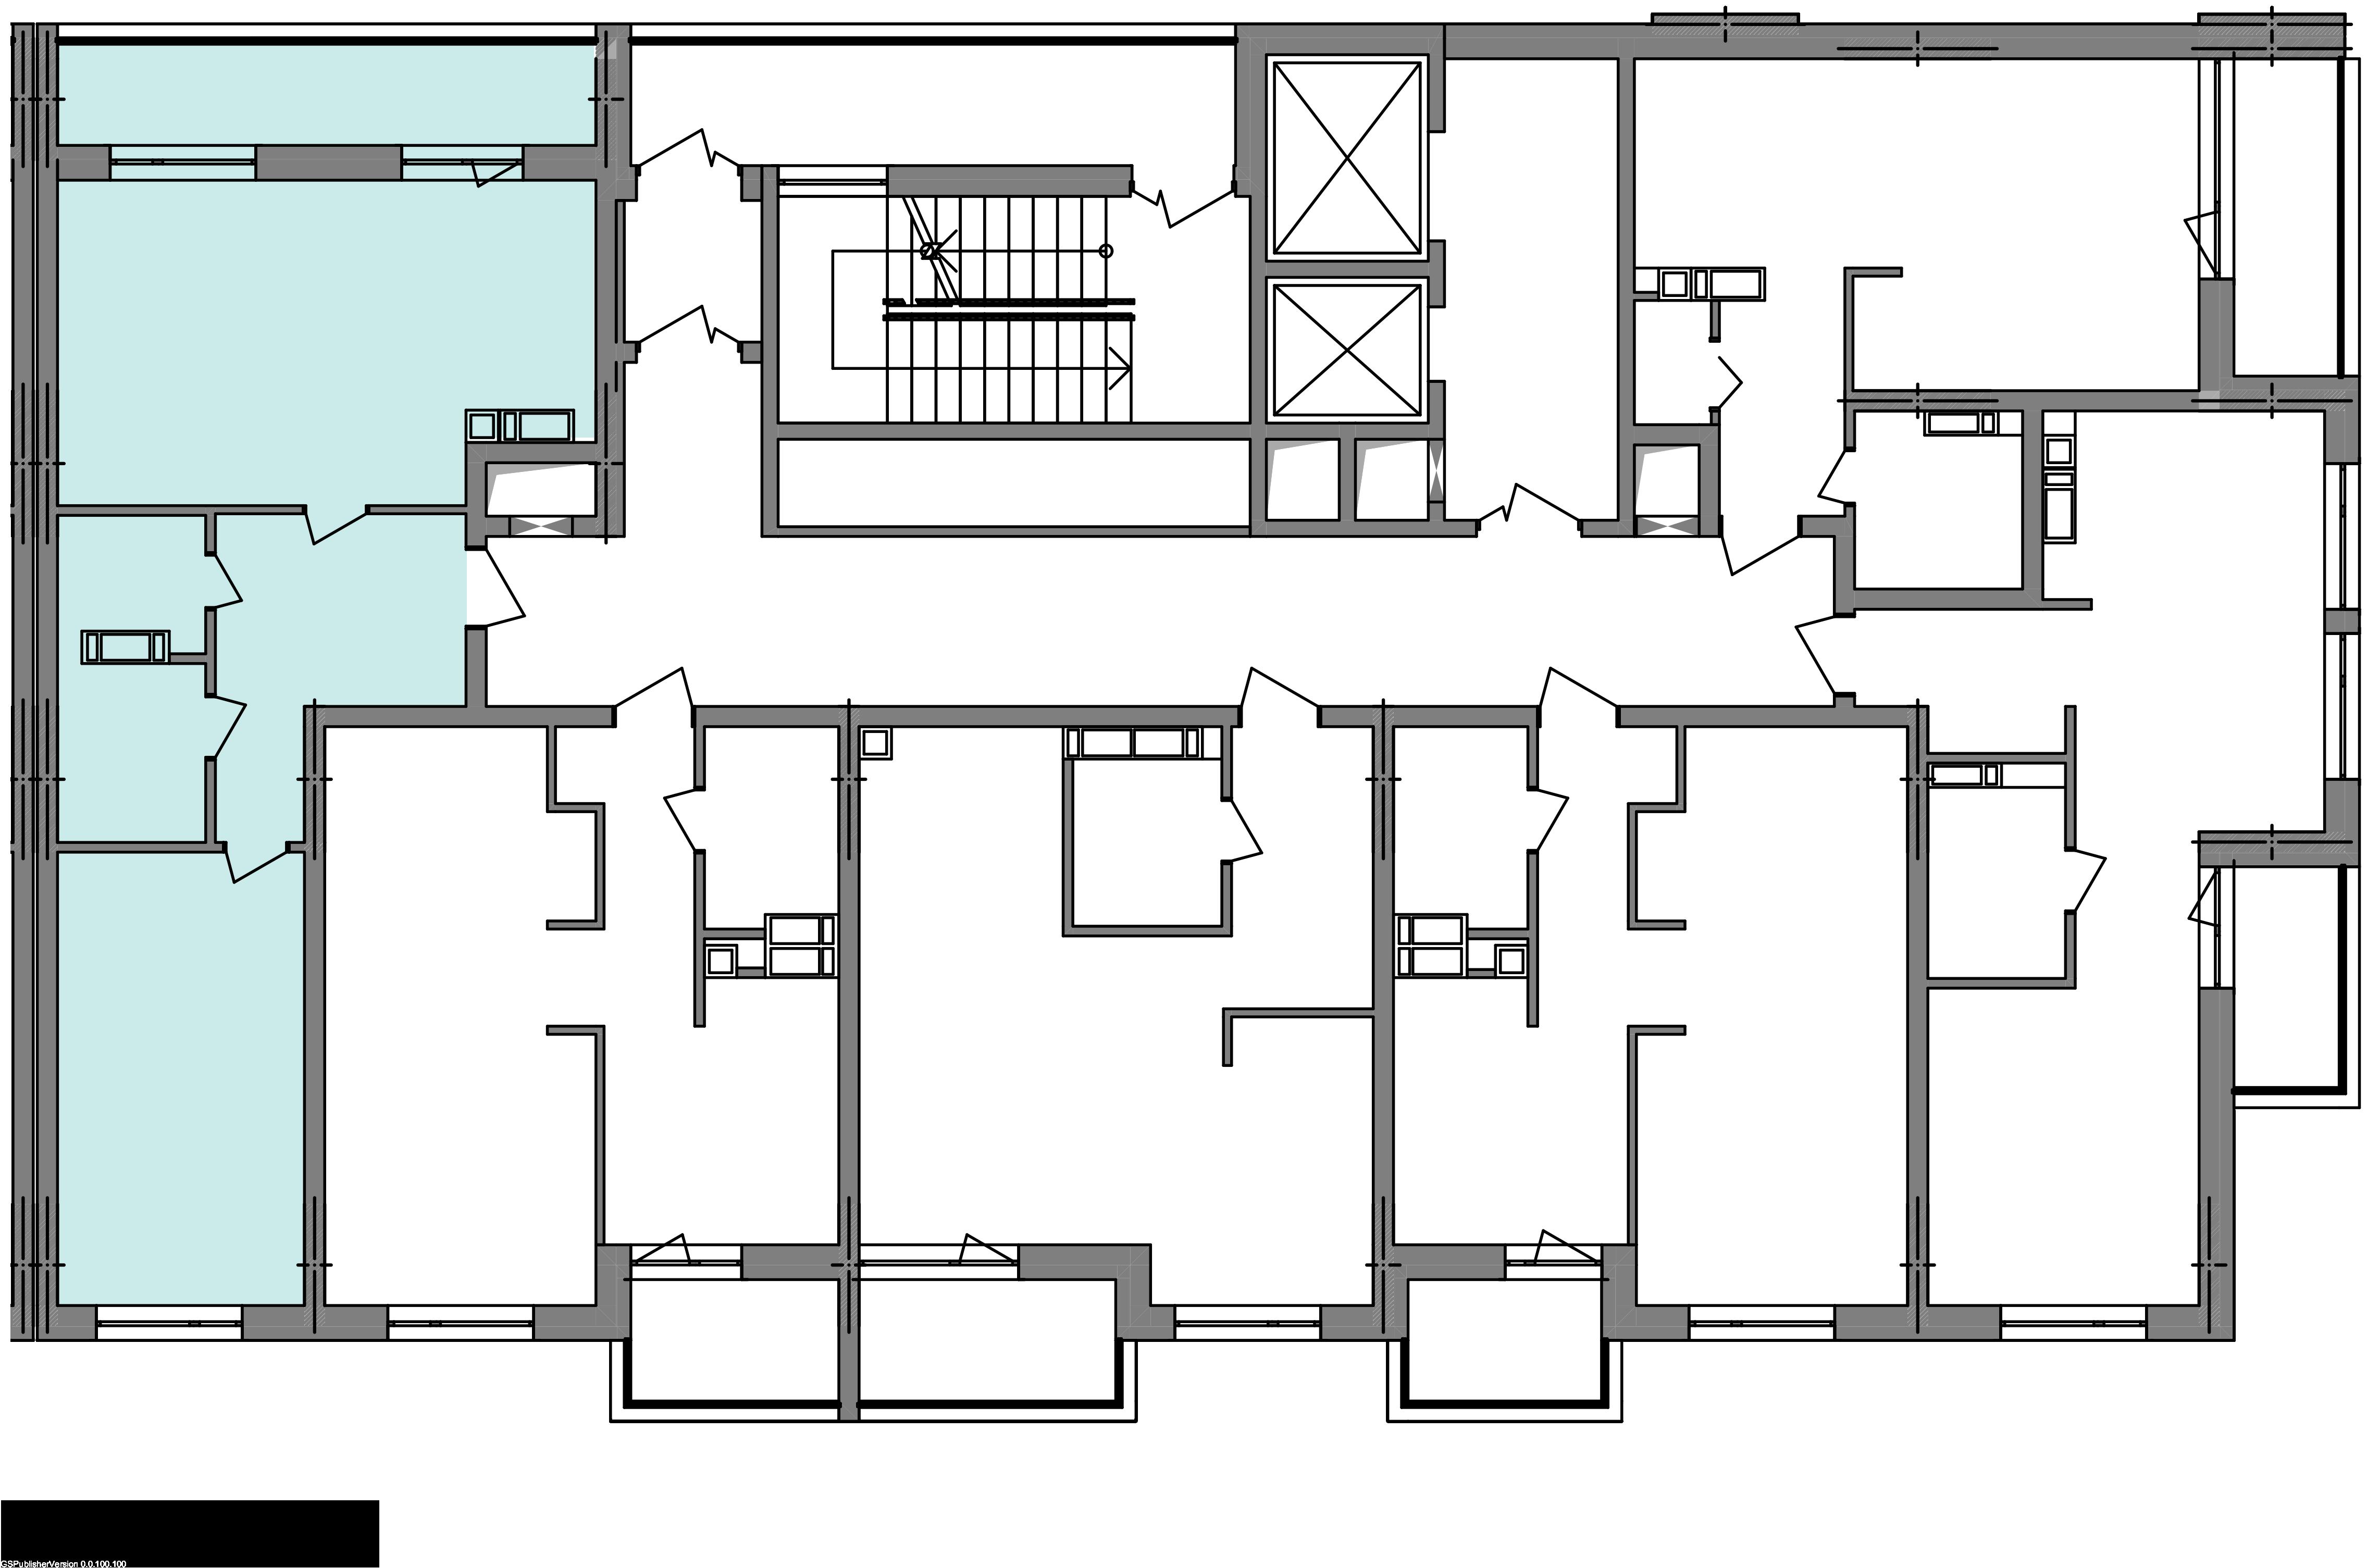 Двокімнатна квартира 60,72 кв.м., тип 2.1, будинок 3, секція 3 розташування на поверсі